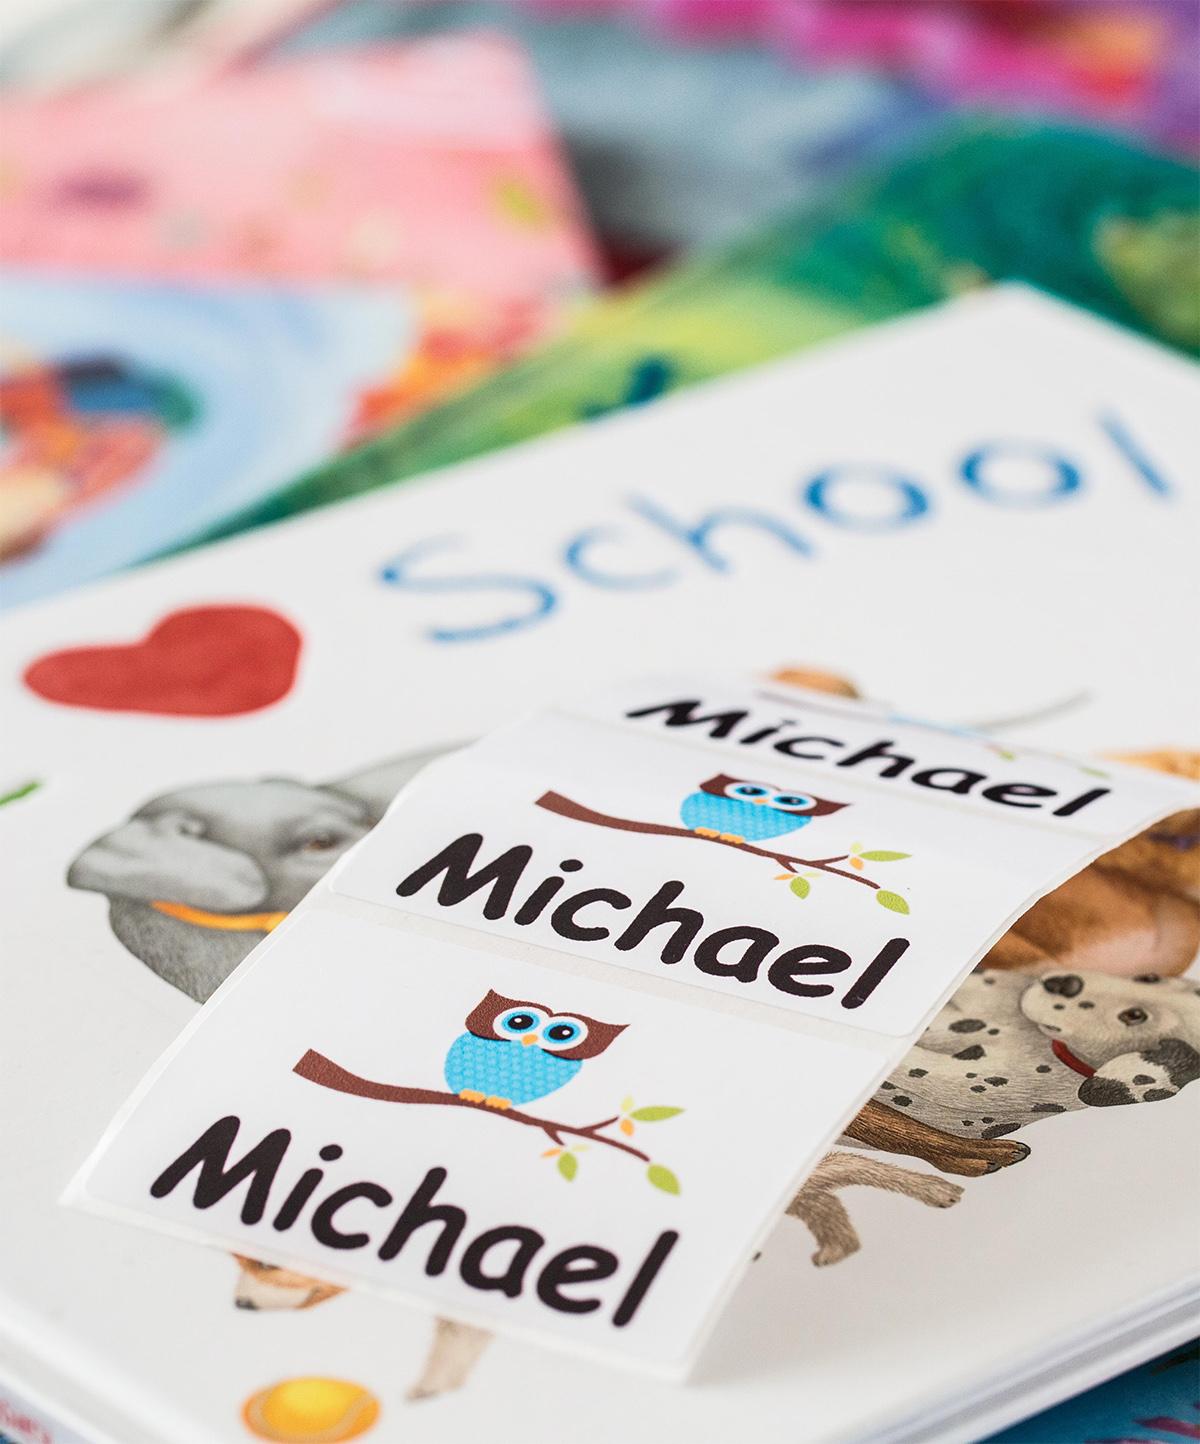 stickerbooks